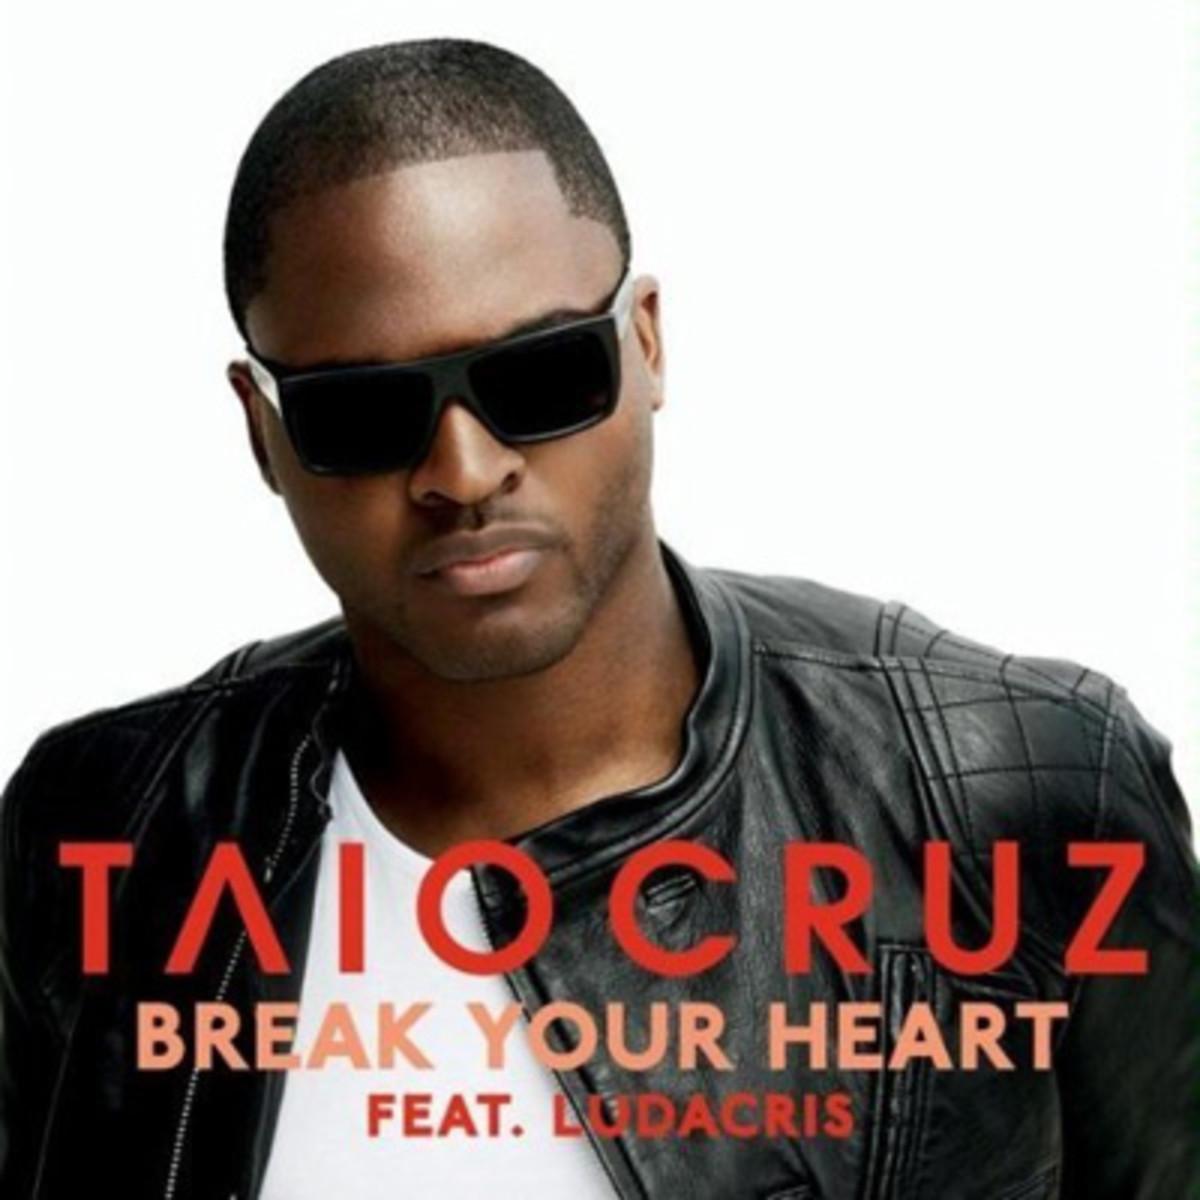 taiocruz-breakyourheart.jpg